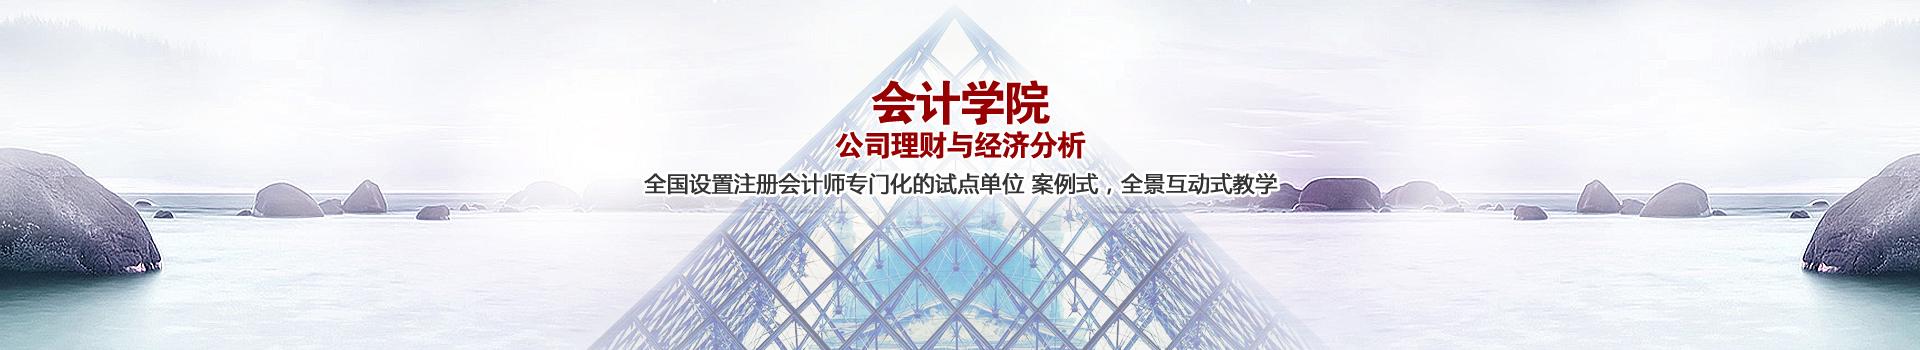 首都经济贸易大学会计学(公司理财与经济分析)在职研究生课程班招生简章